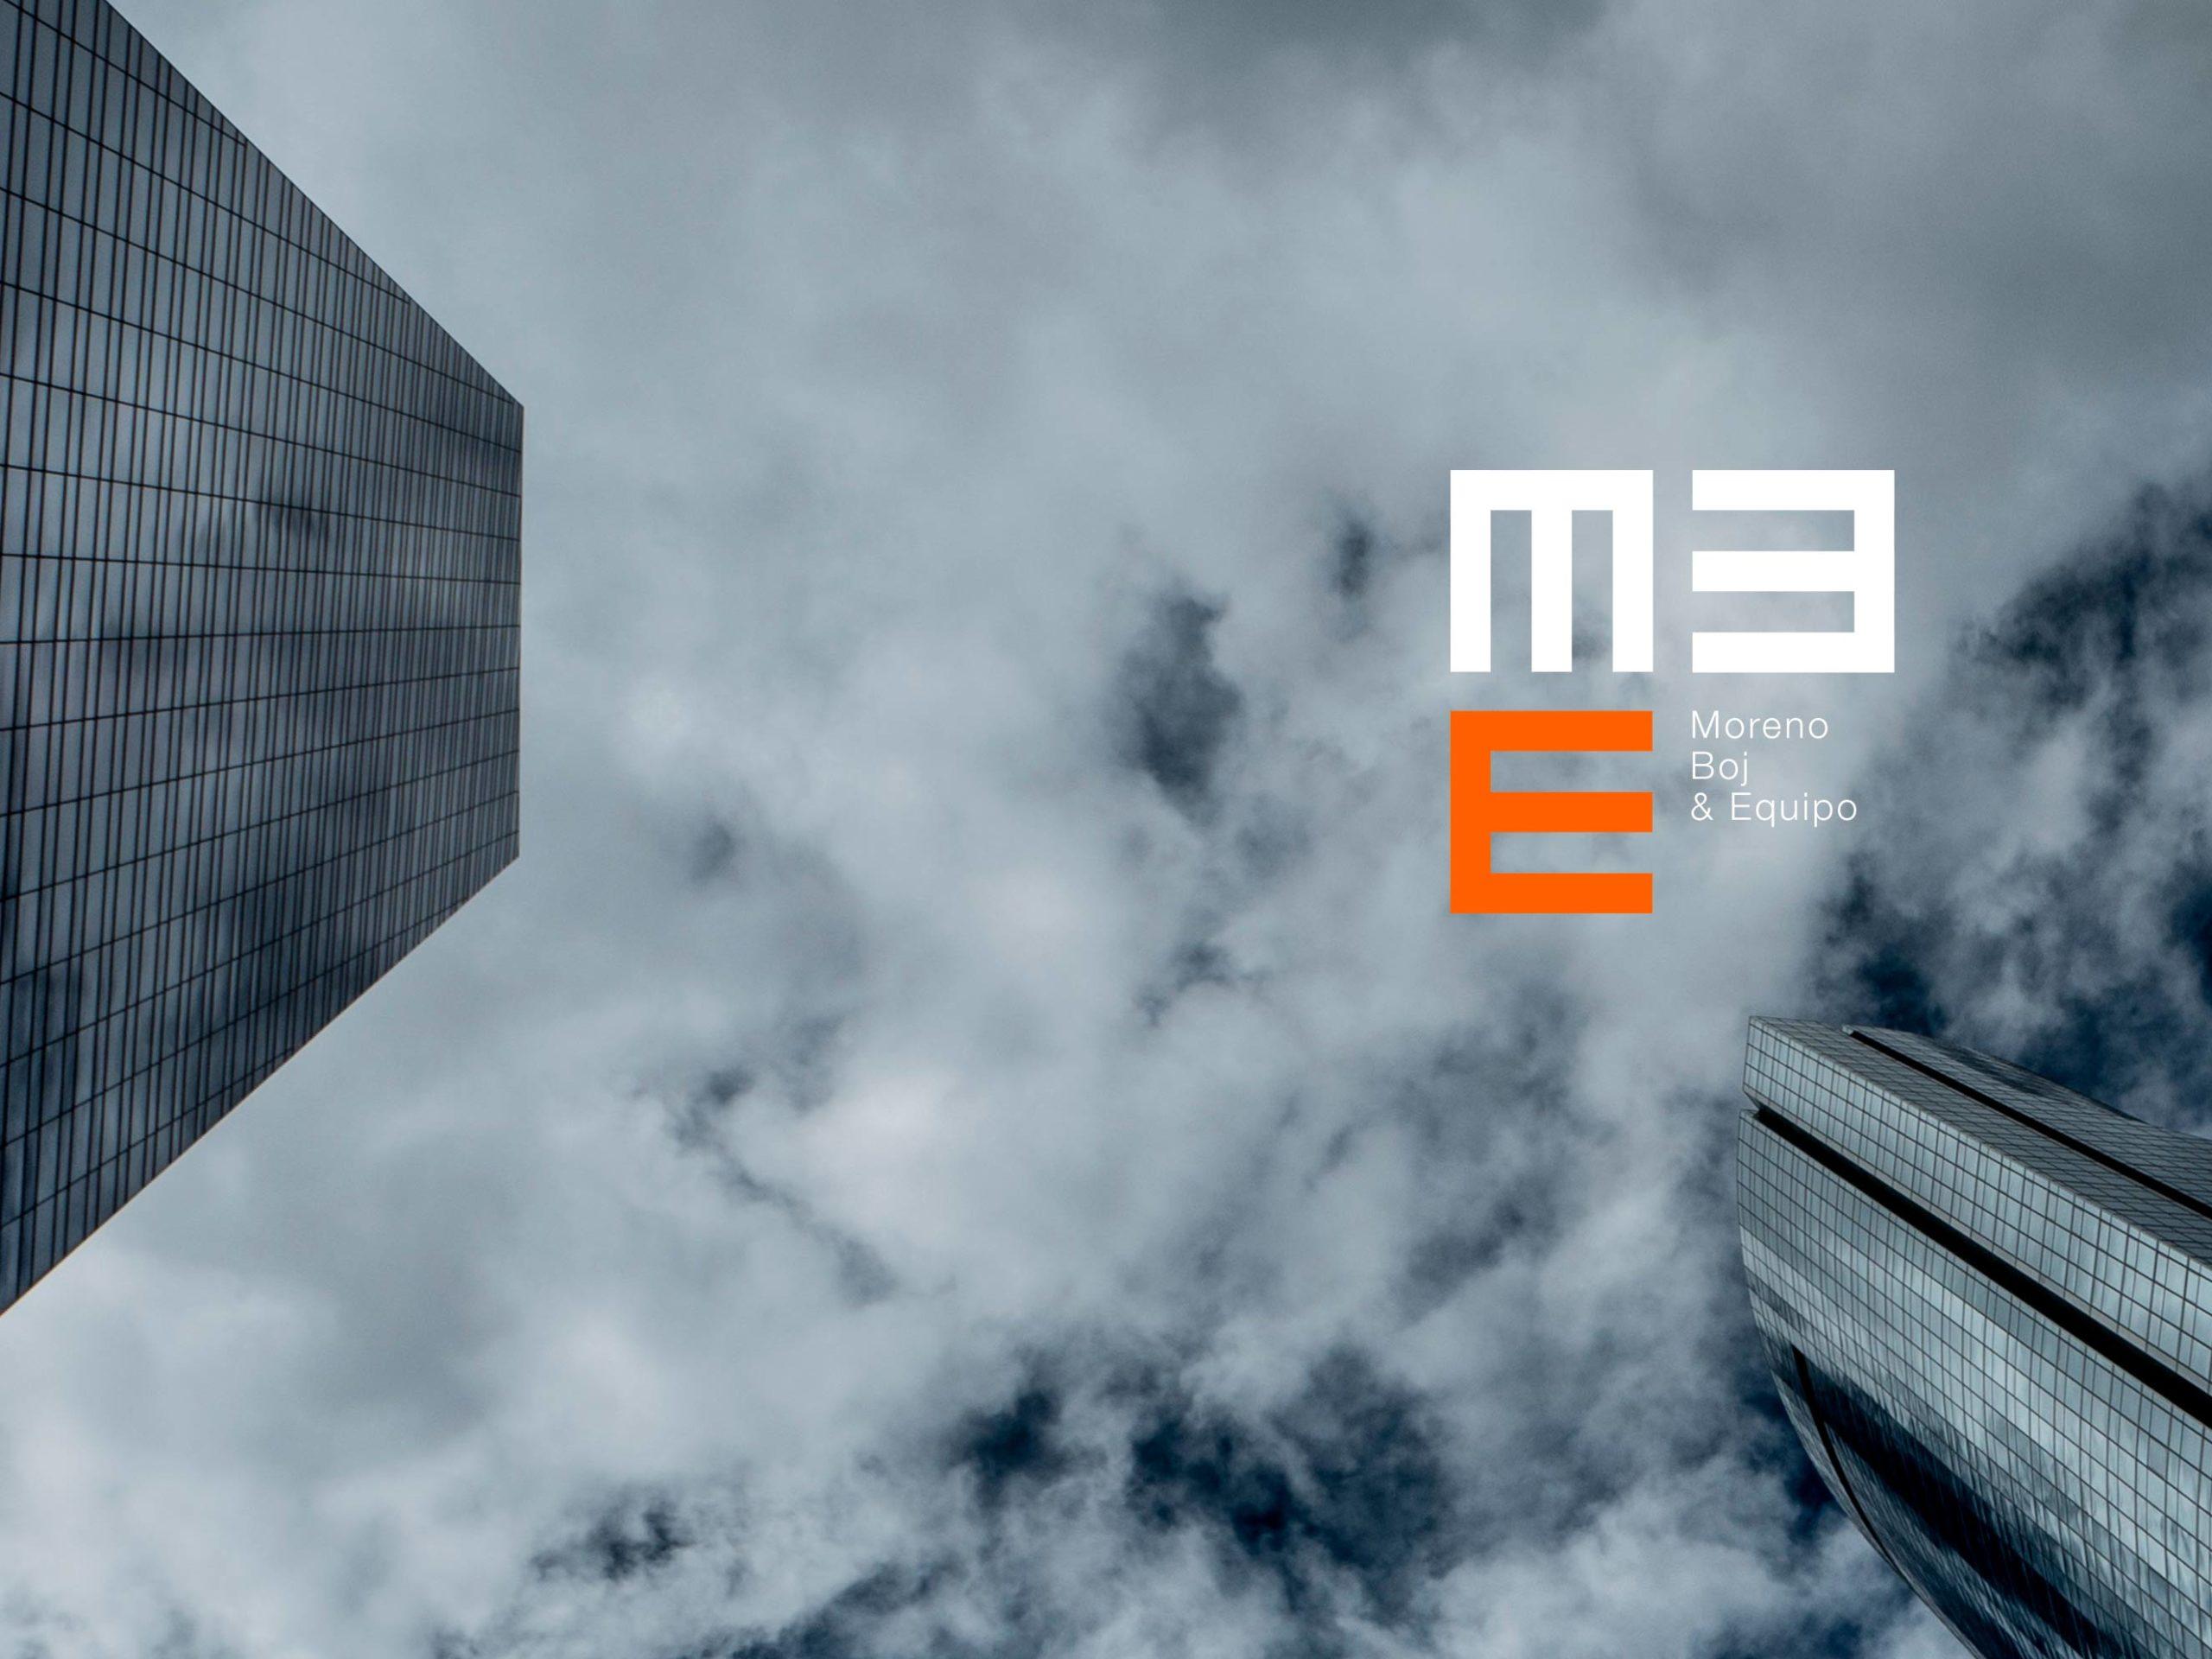 Vista de las oficinas de MBE Abogados en Madrid